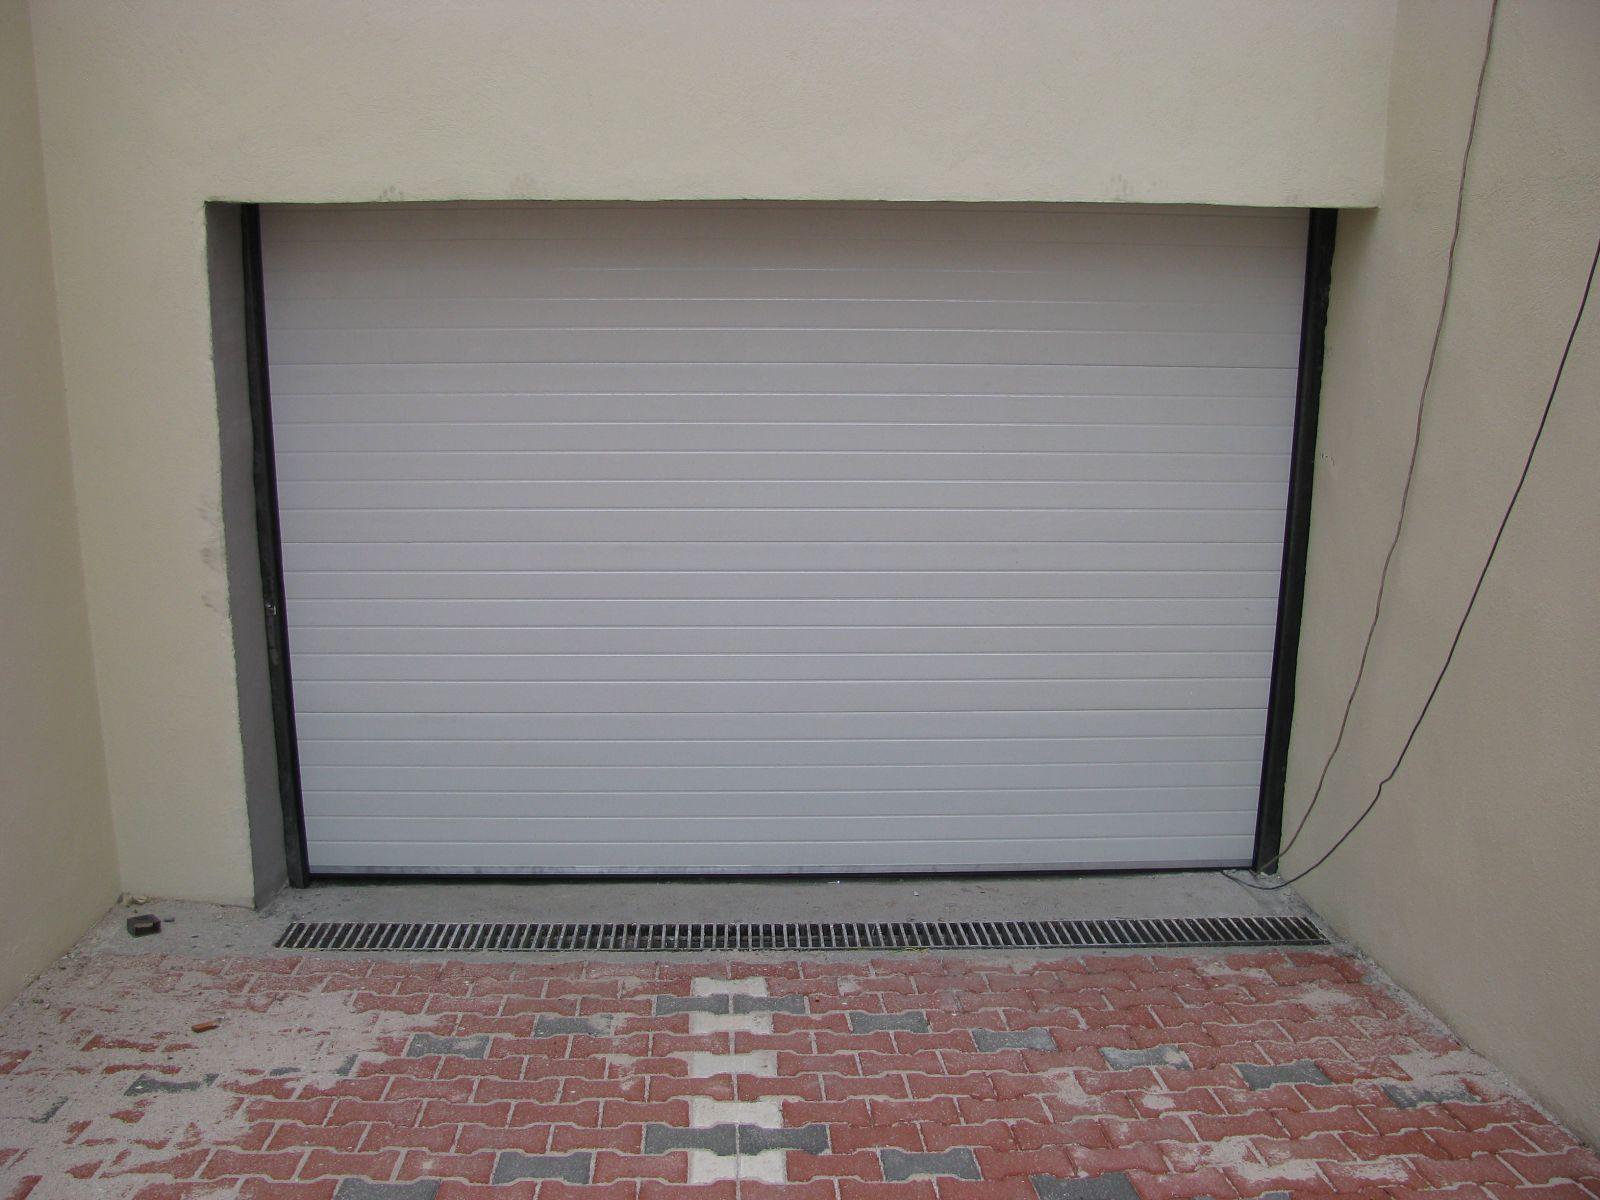 Ev Tipi Dar alanlar için tercih edilen seksiyonel kapı sistemleri